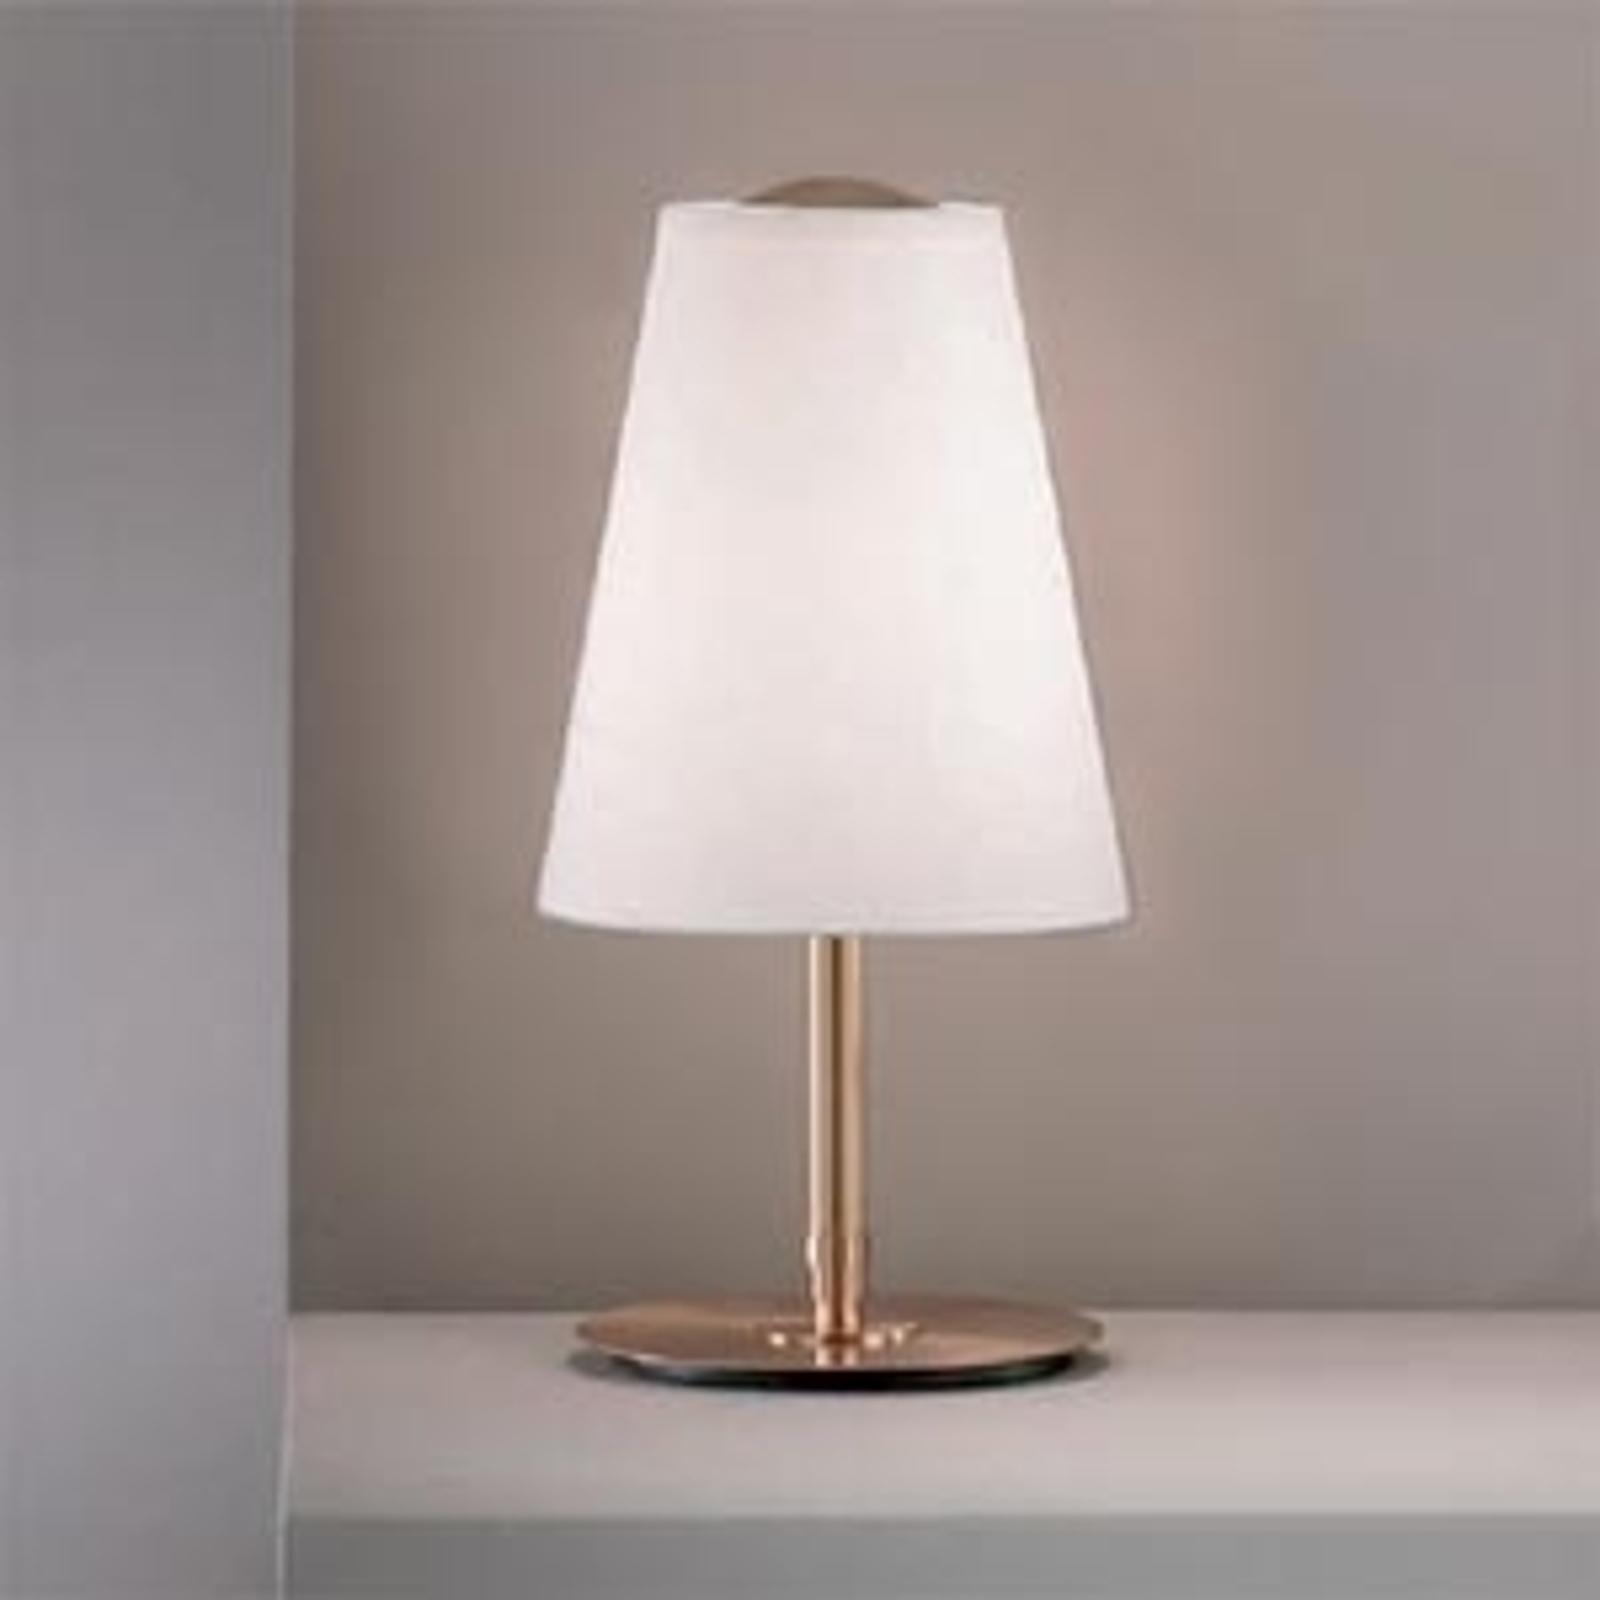 Tafellamp Clemo hoogte 38 cm goud